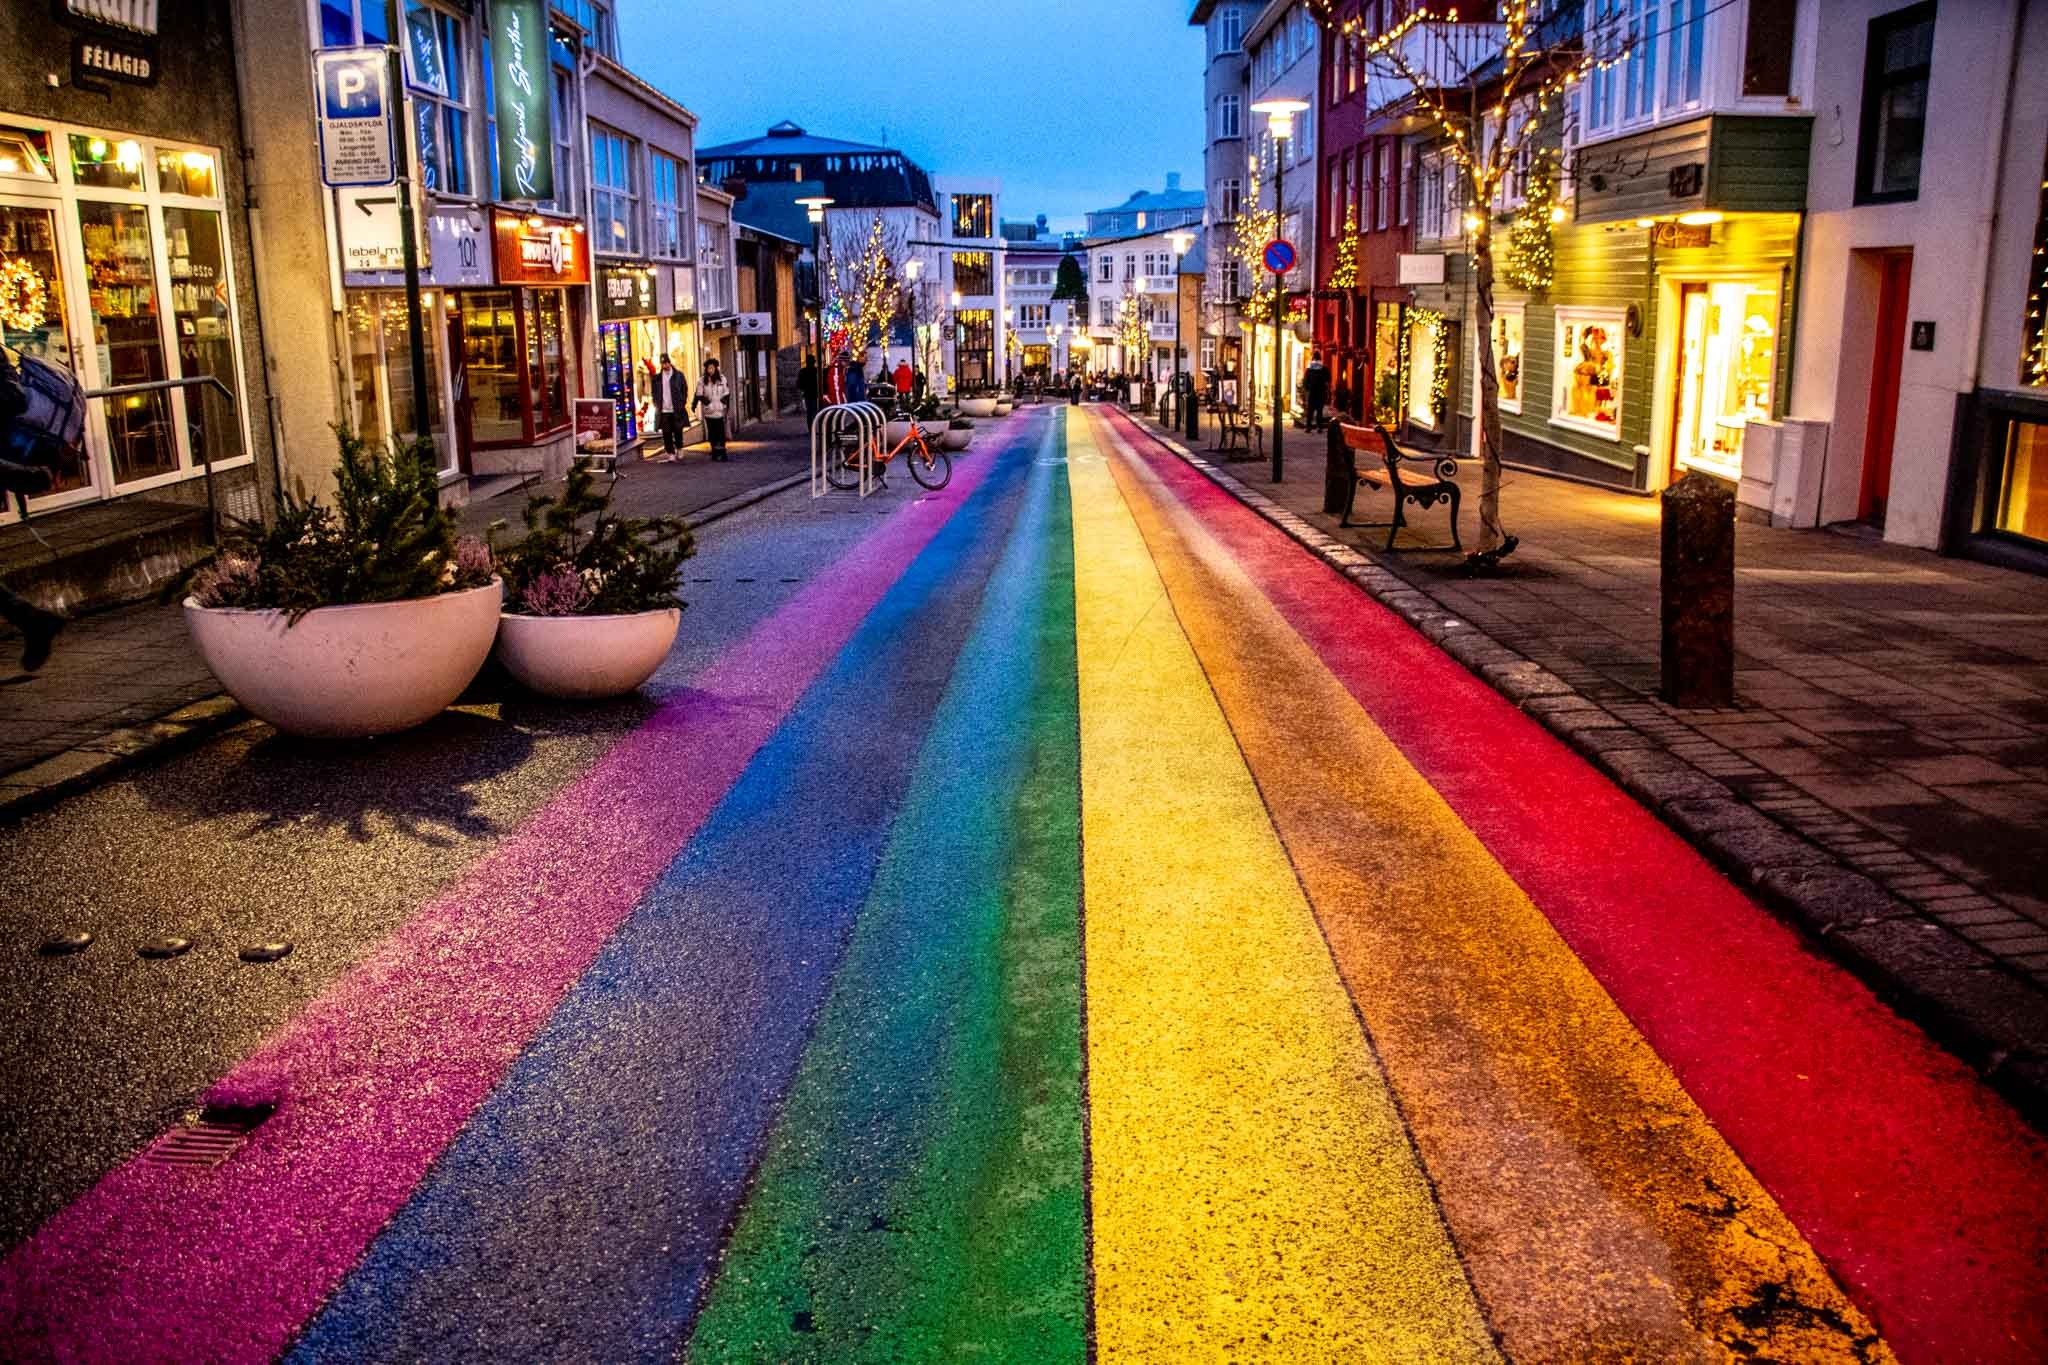 Rainbow pride flag painted on the street